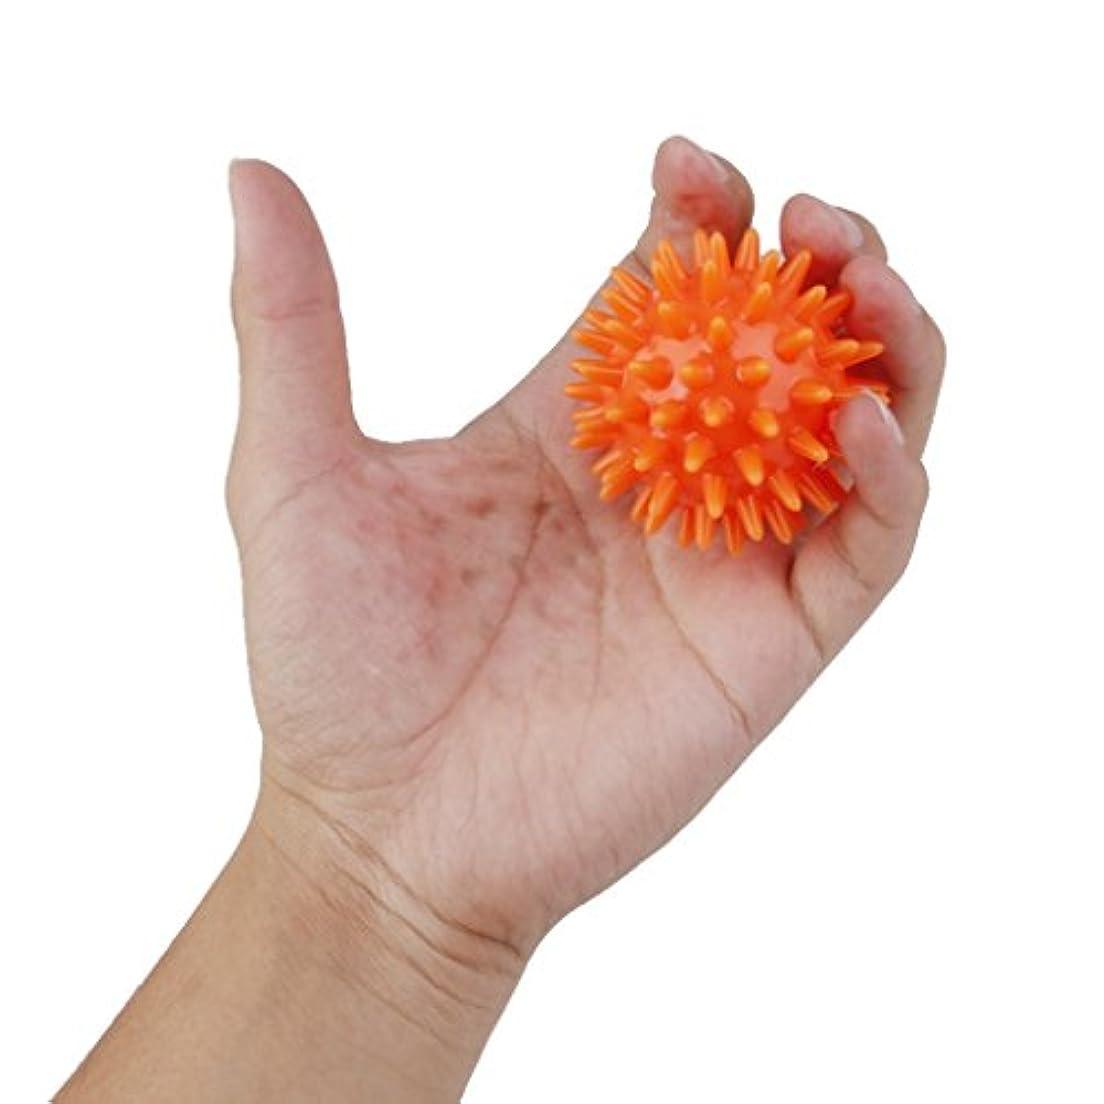 容赦ない造船操るマッサージボール 手のひら 足 腕 首 背中 足首 ダーク フック側 マッサージ 疲れ 緩和 オレンジ